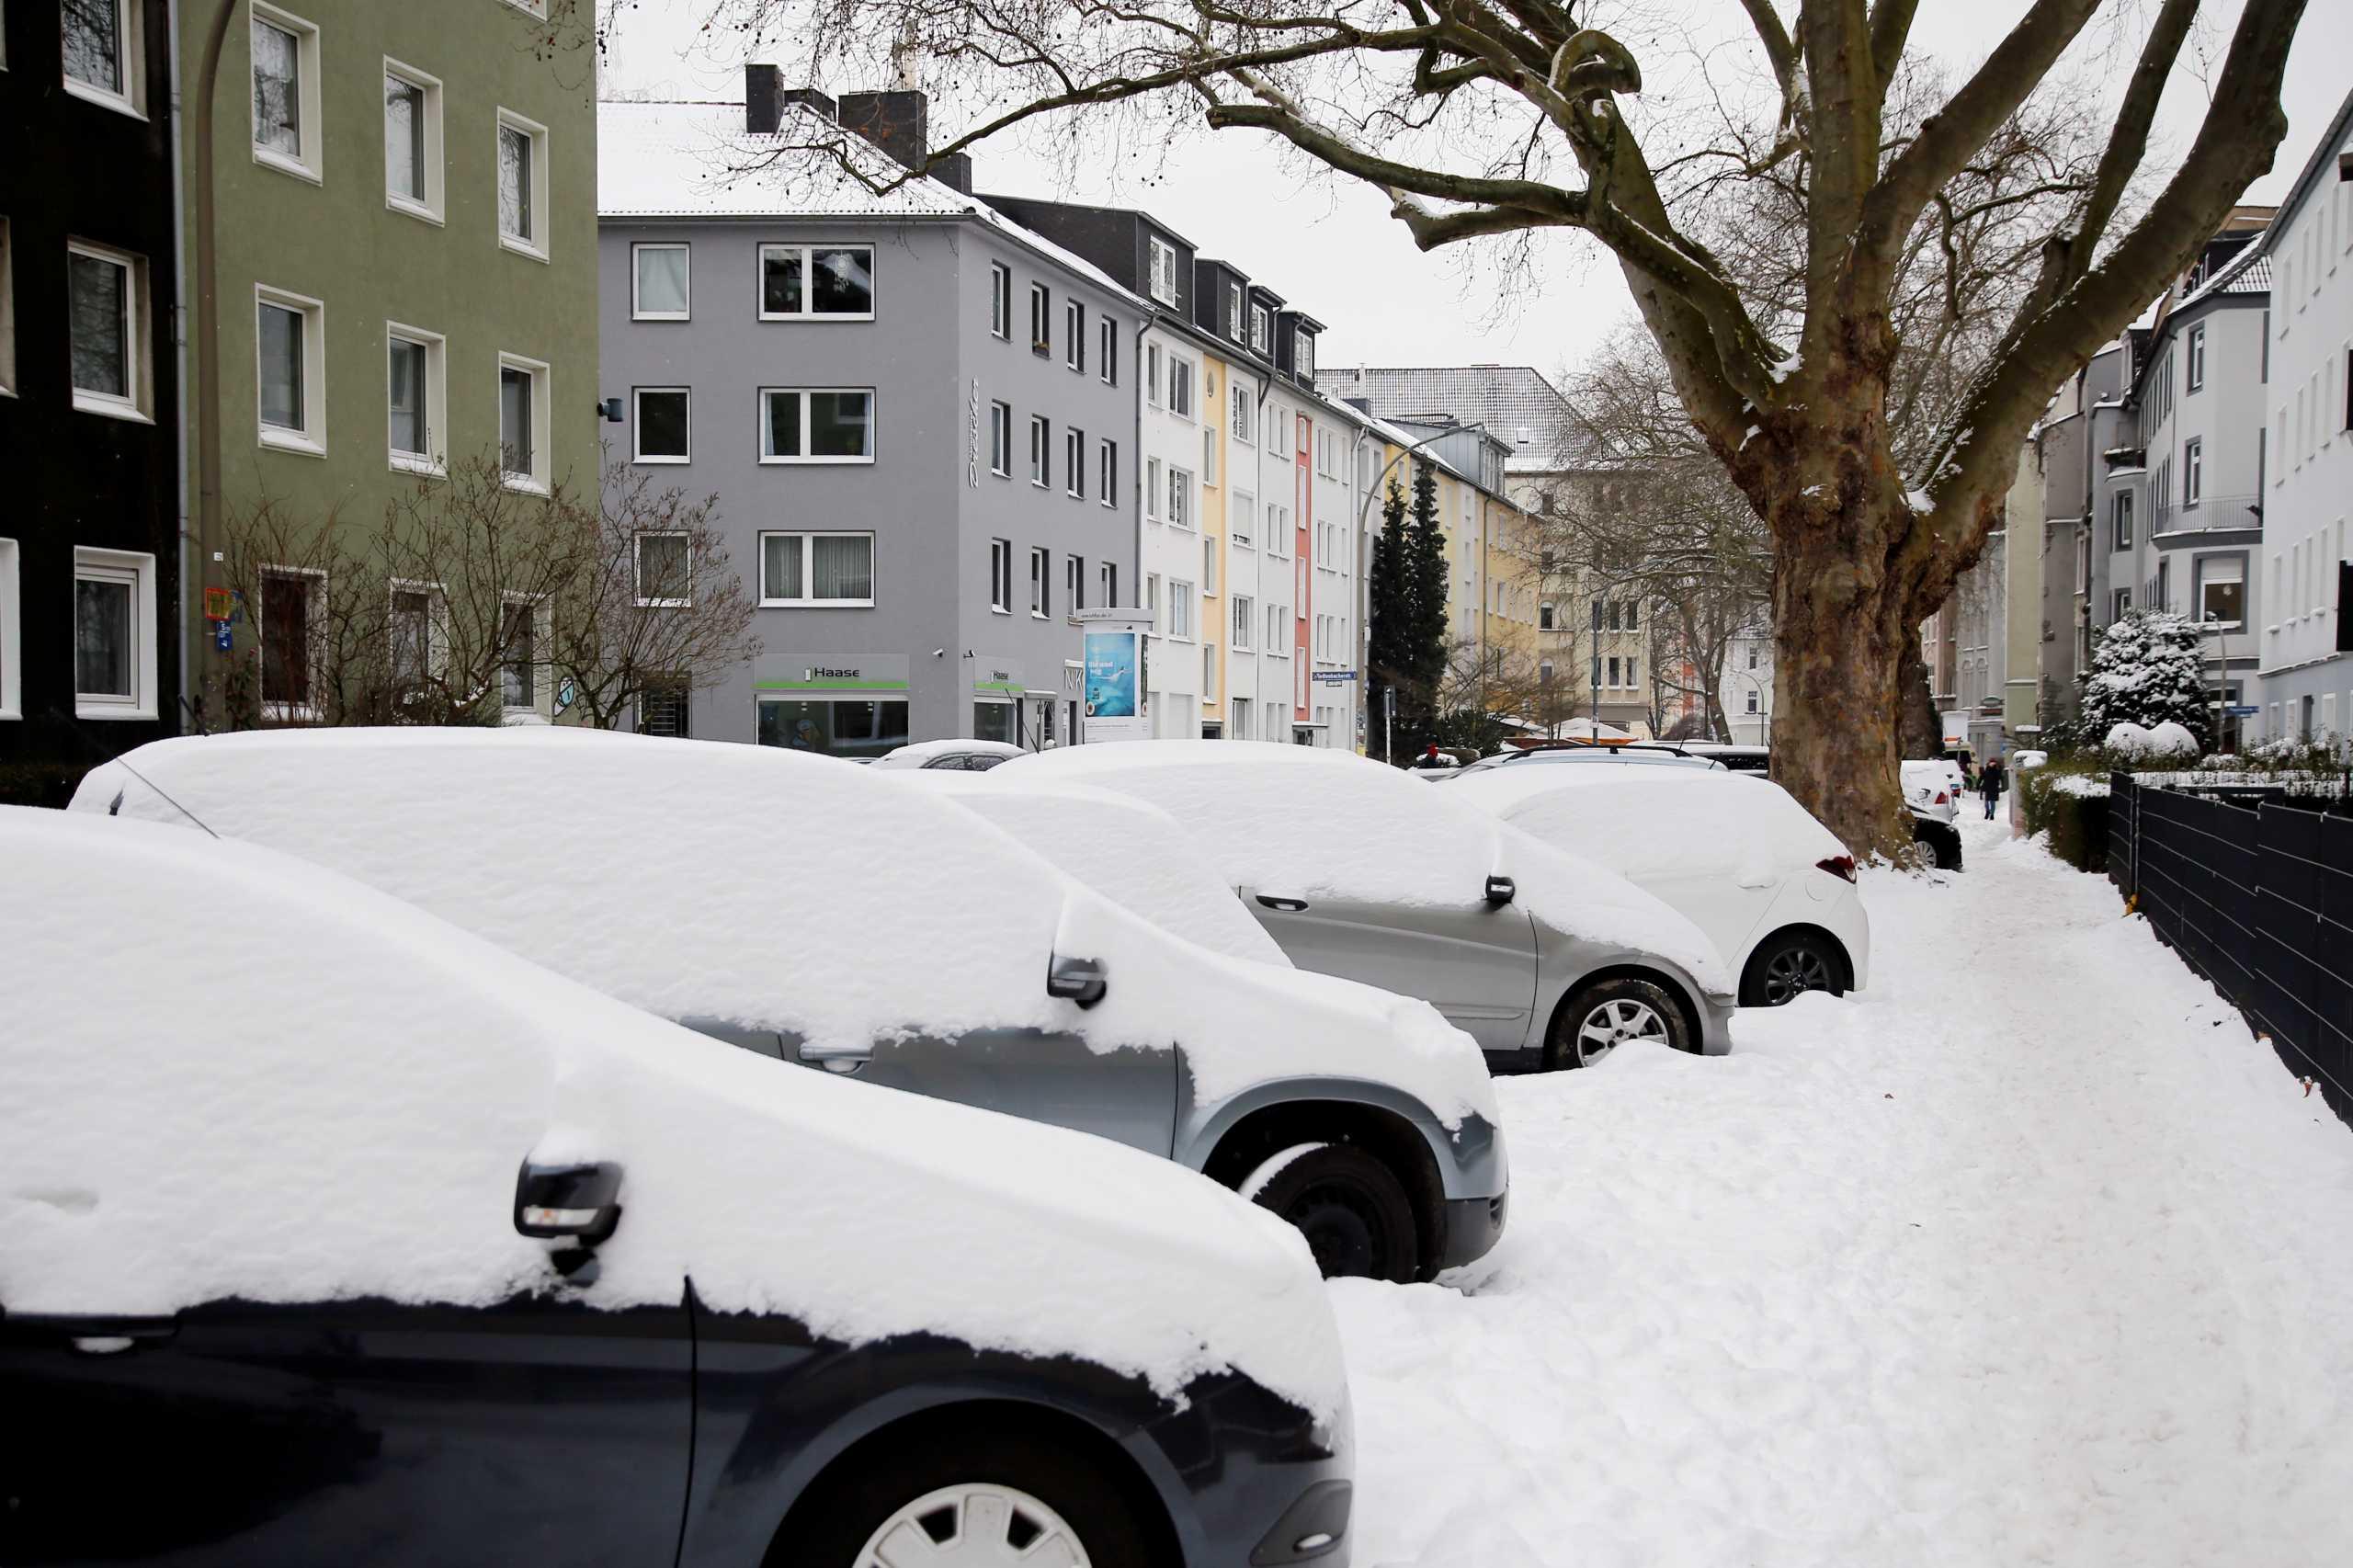 Ρεκόρ χαμηλής θερμοκρασίας για φέτος στην Γερμανία στους -28,8°C